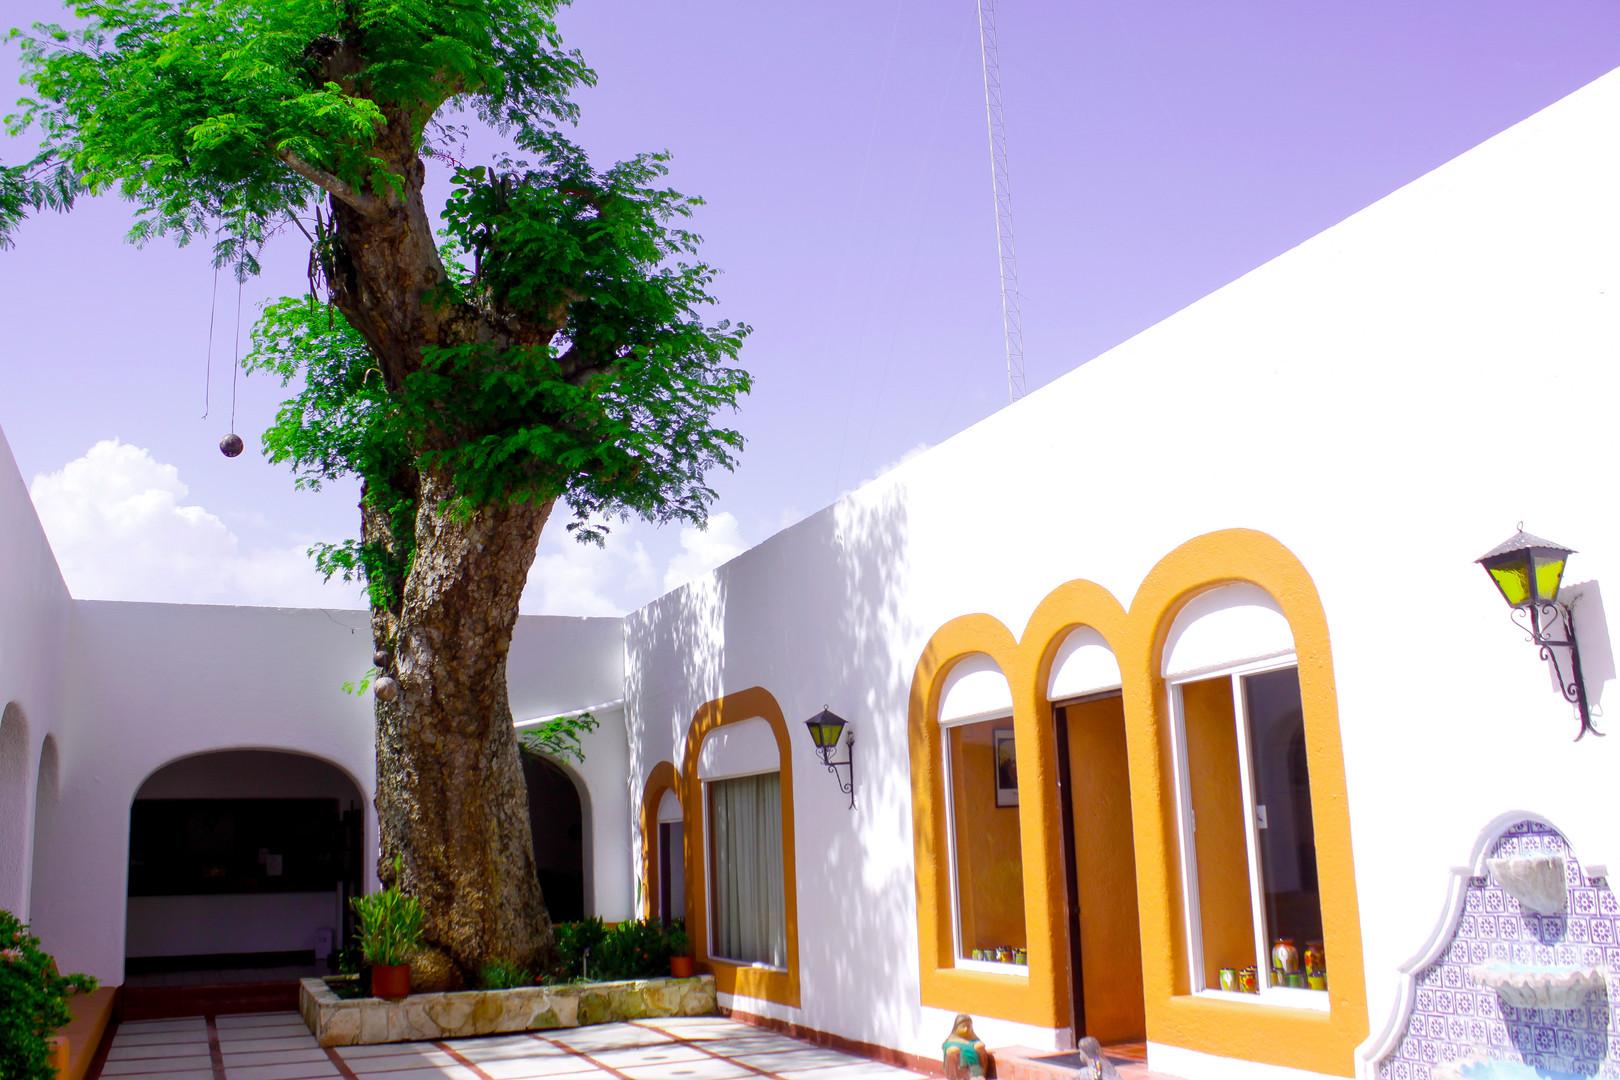 hotel villas arque-166.jpg